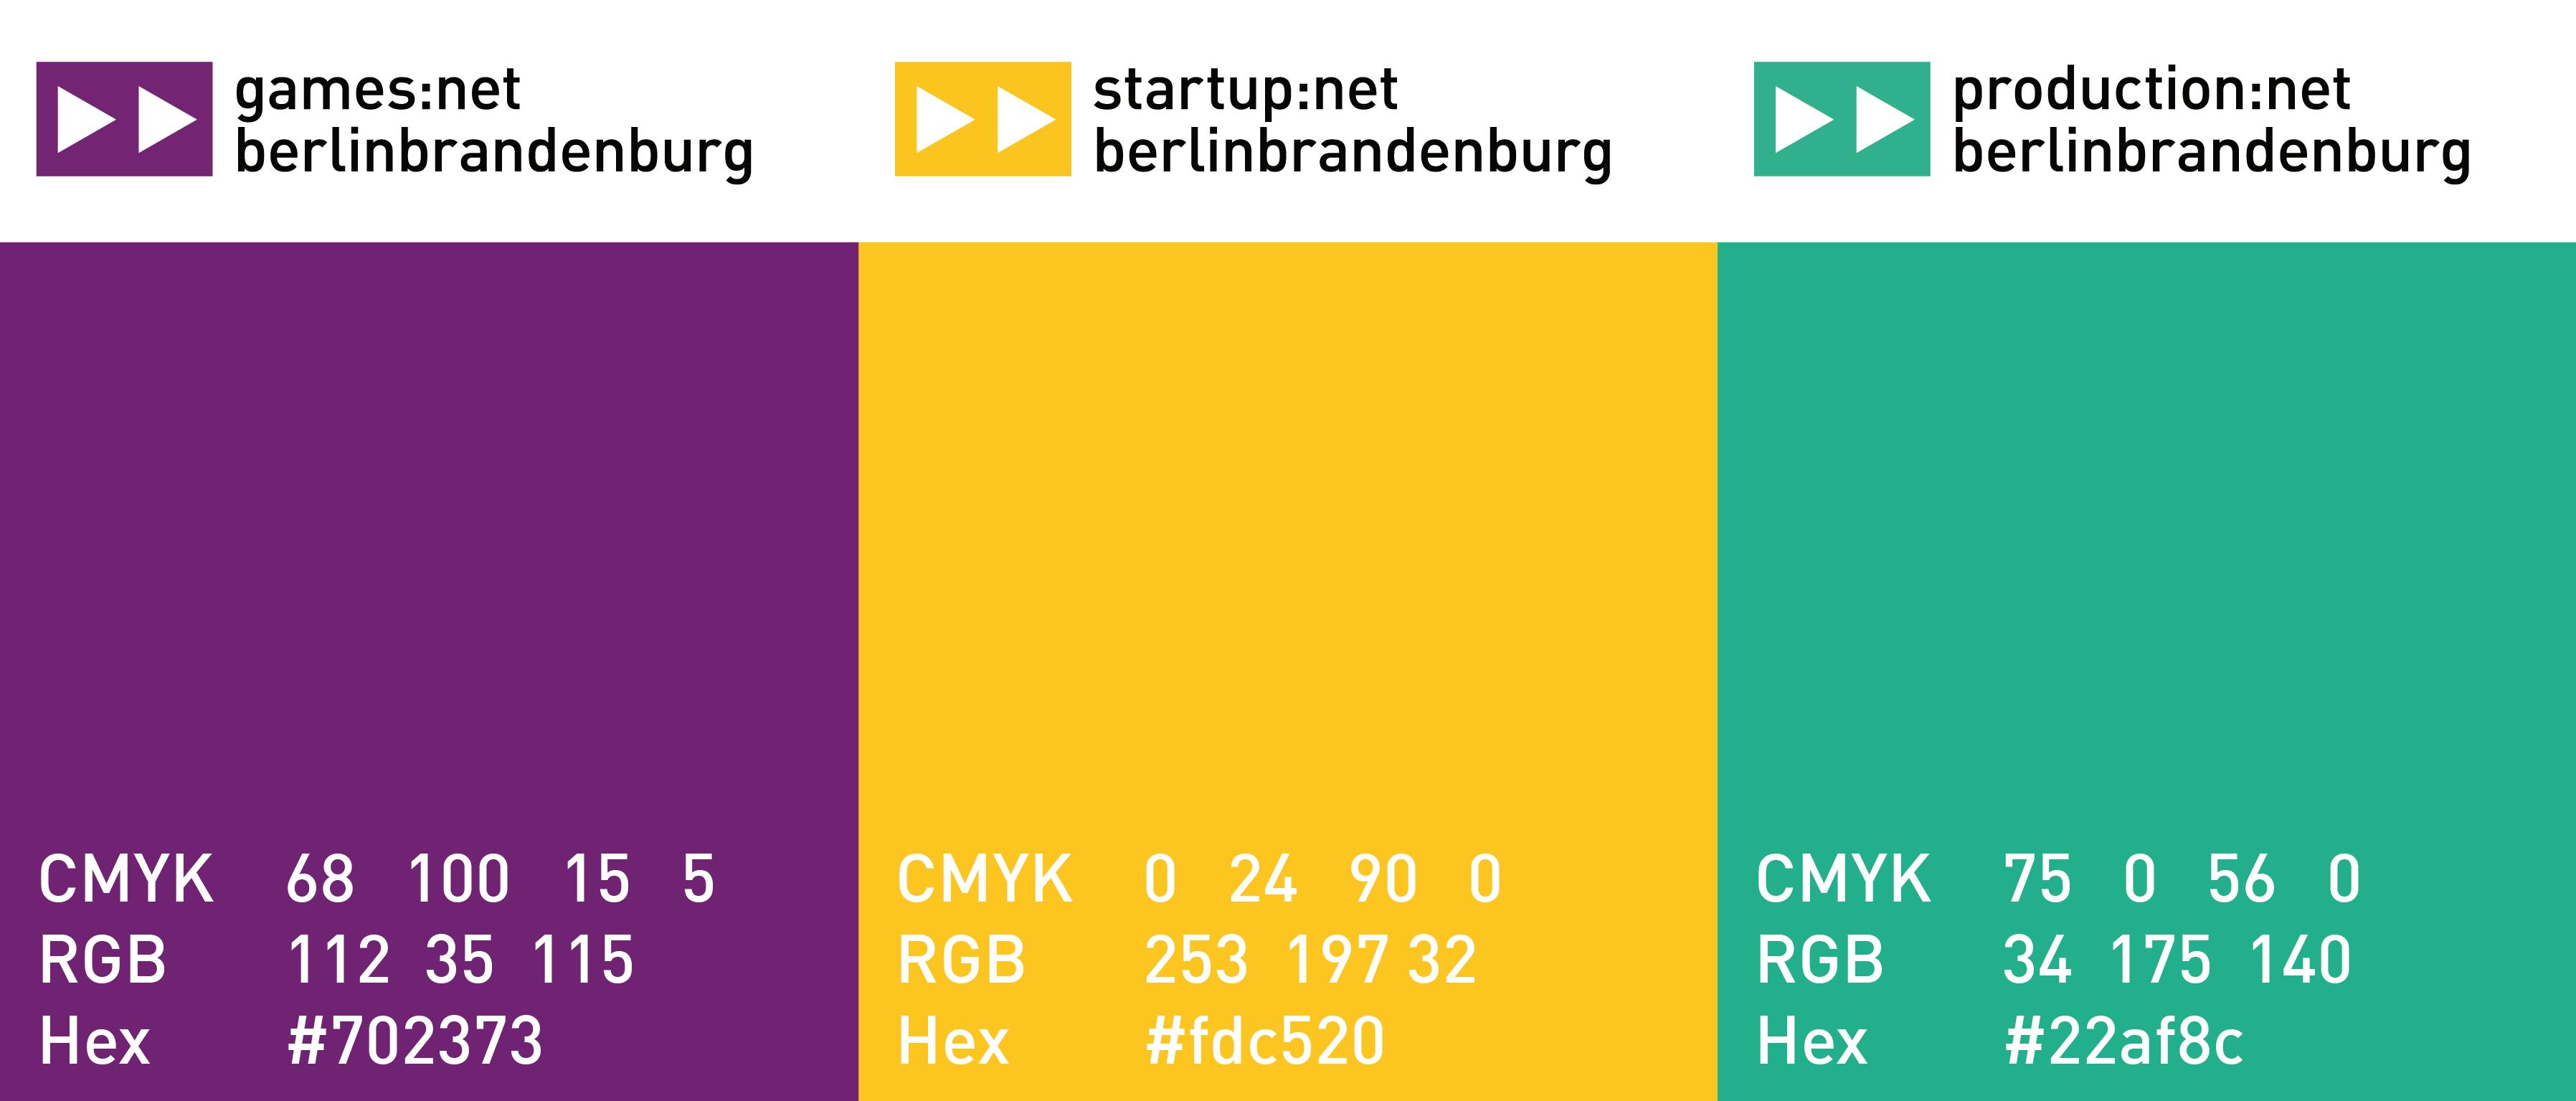 Farben Initiativen media:net bb coroporte redesign